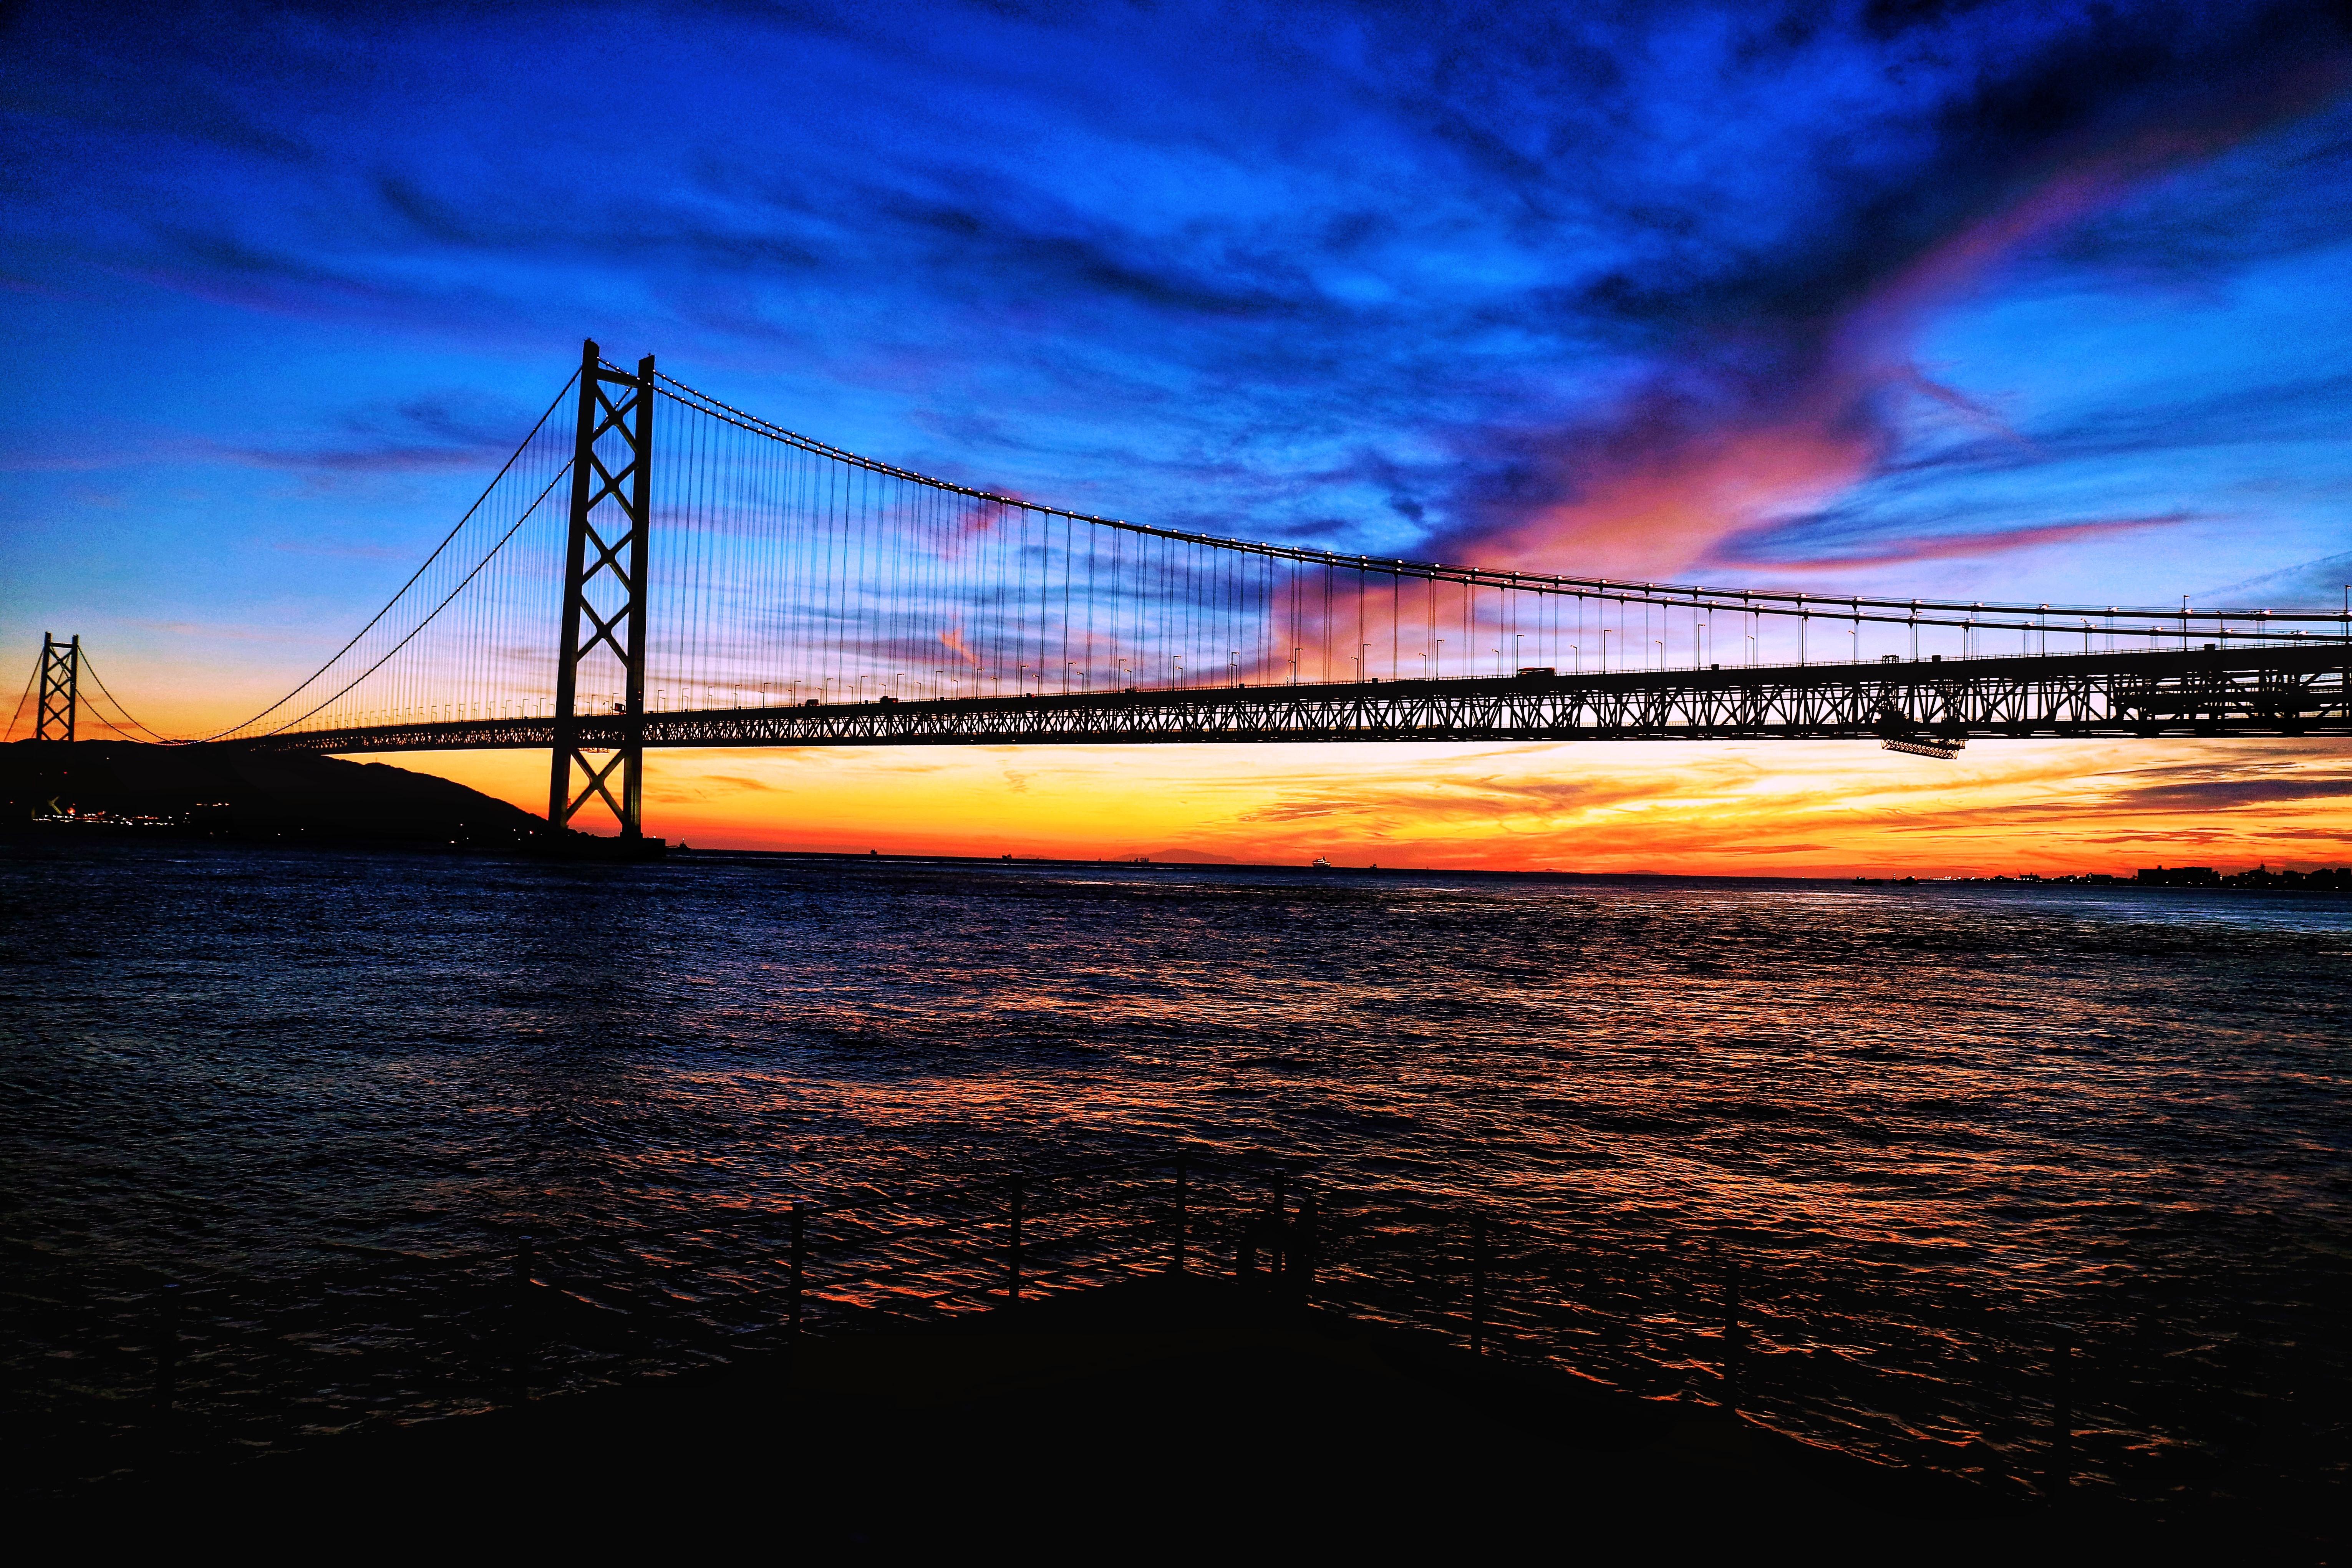 「朝焼けに染まる空と海」の写真